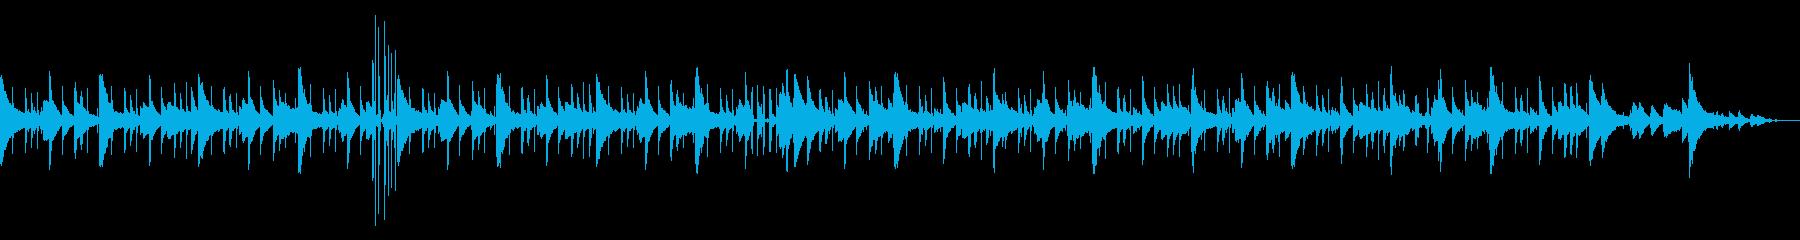 ゆったりピアノLoFi Hiphopの再生済みの波形